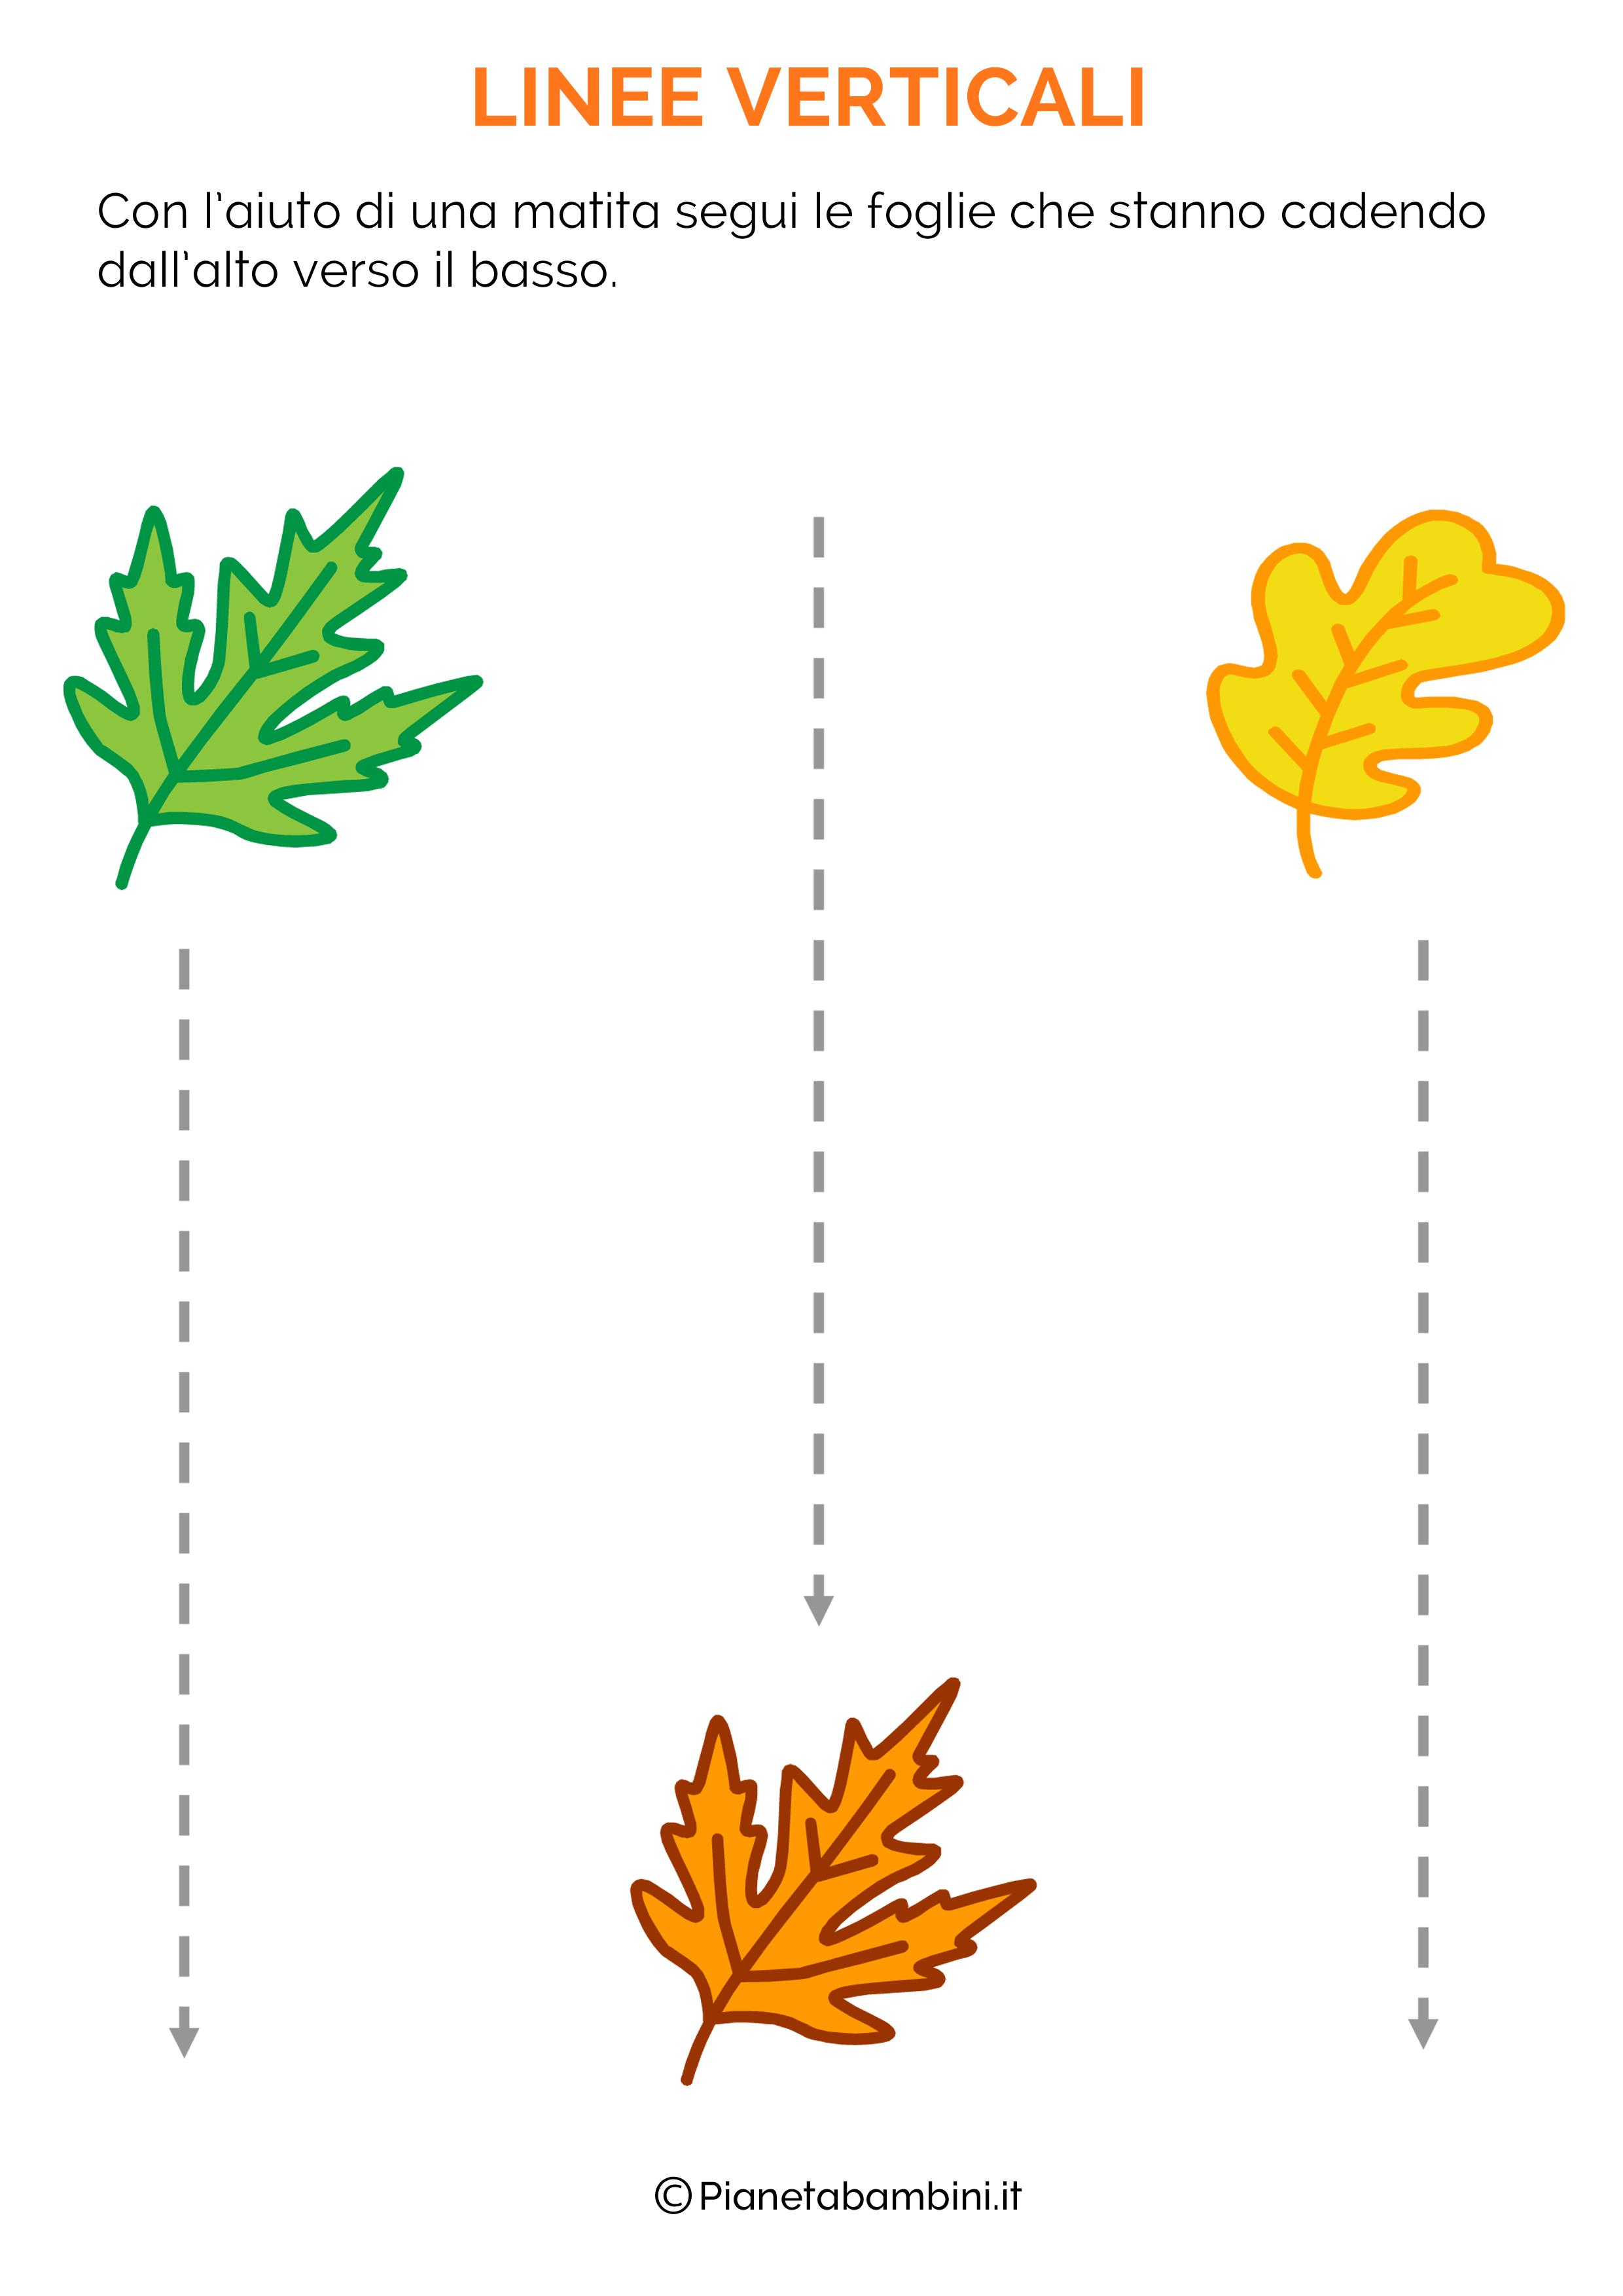 Linee-Verticali-1